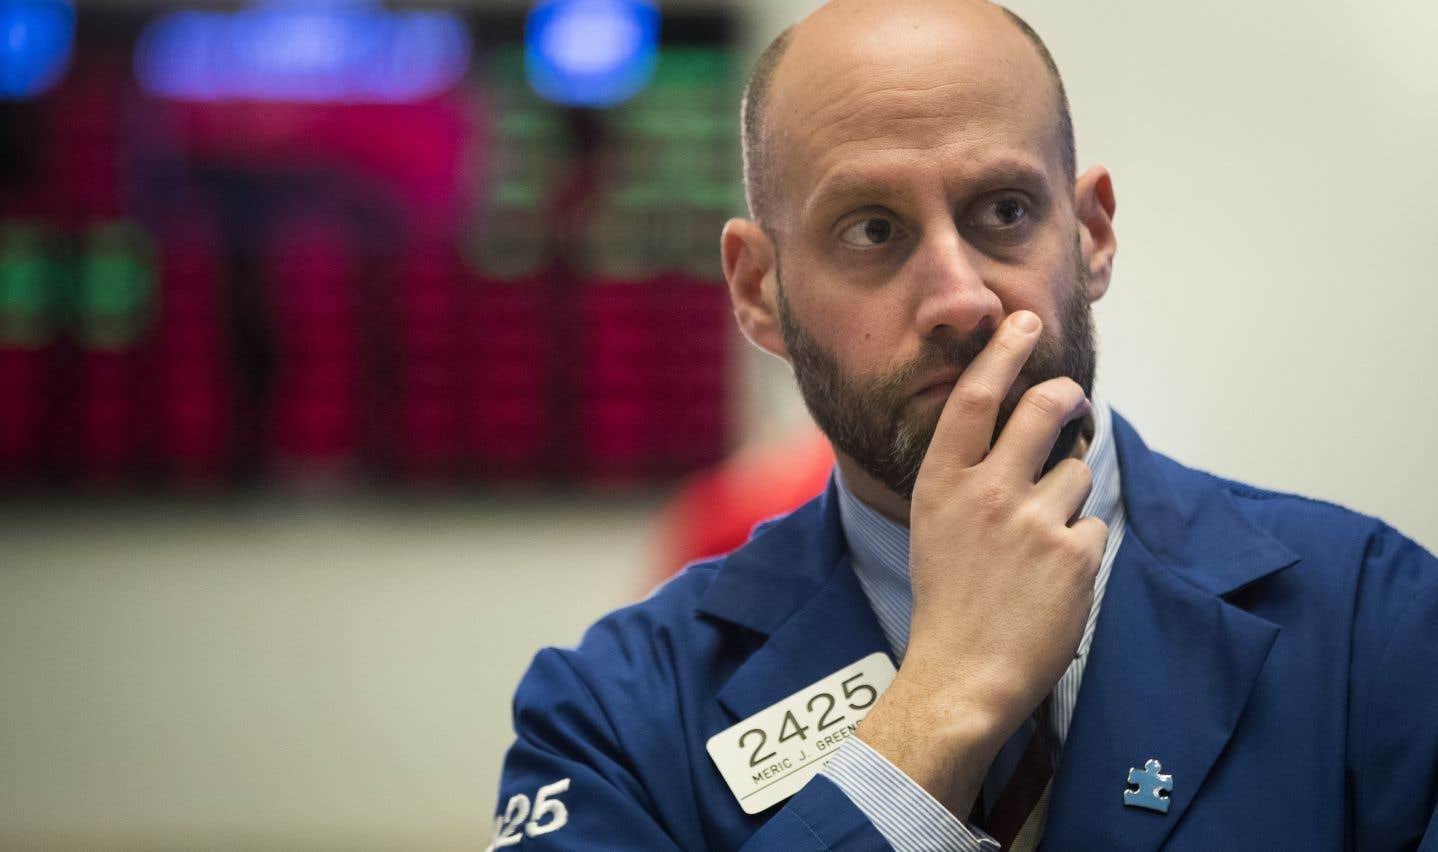 Le Dow Jones plonge de 1175 points